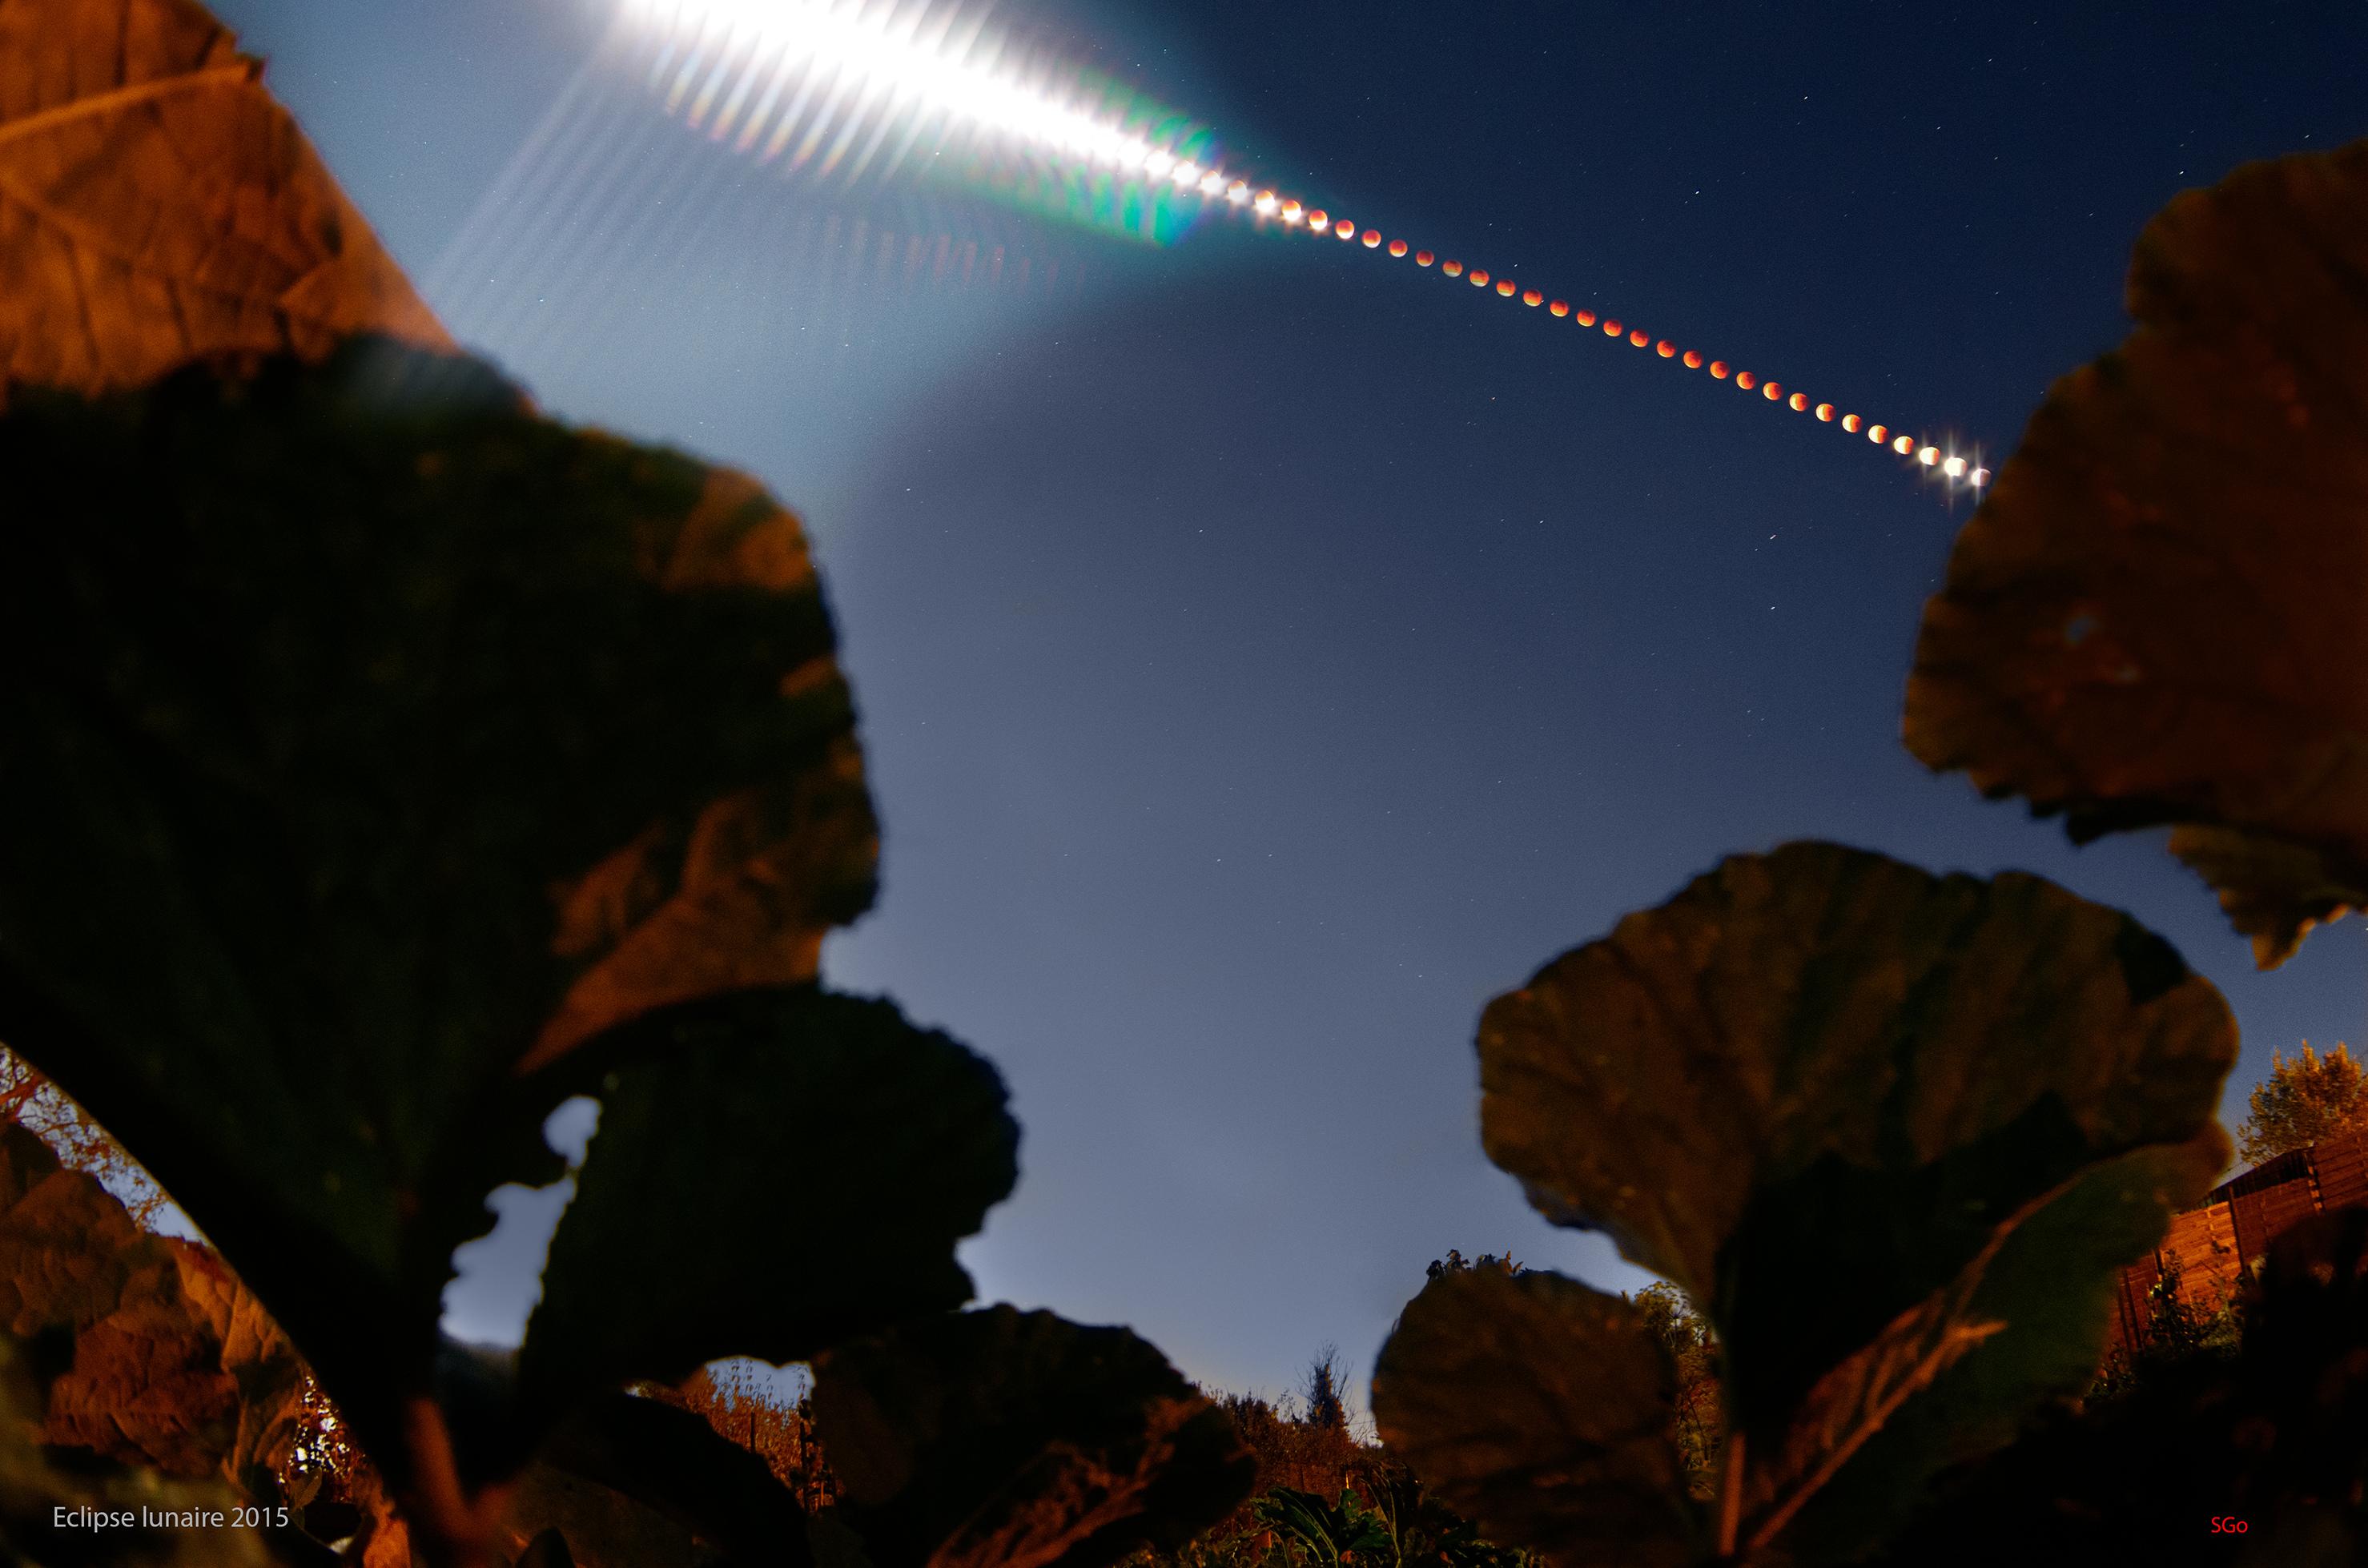 montage eclipse lunaire 2015 parmis les courgettes.jpg